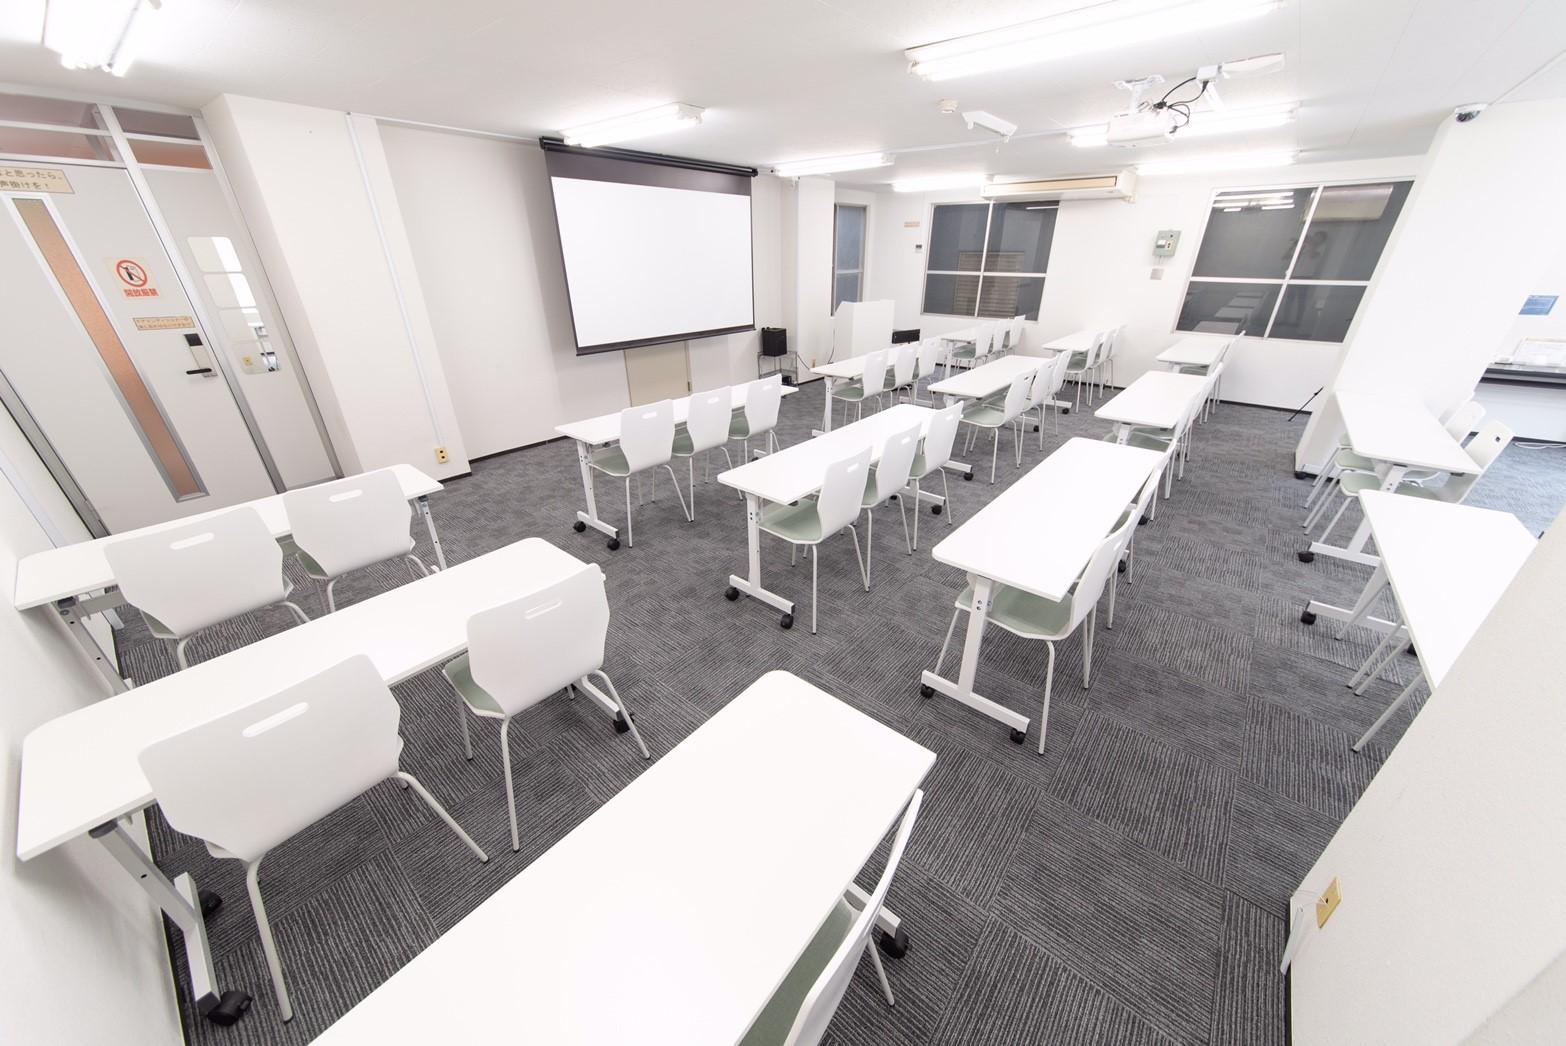 シンプルで使い勝手◎ みんなの会議室 赤坂に取材に行ってきました! TIME SHARING タイムシェアリング  スペースマネジメント あどばる adval SHARING